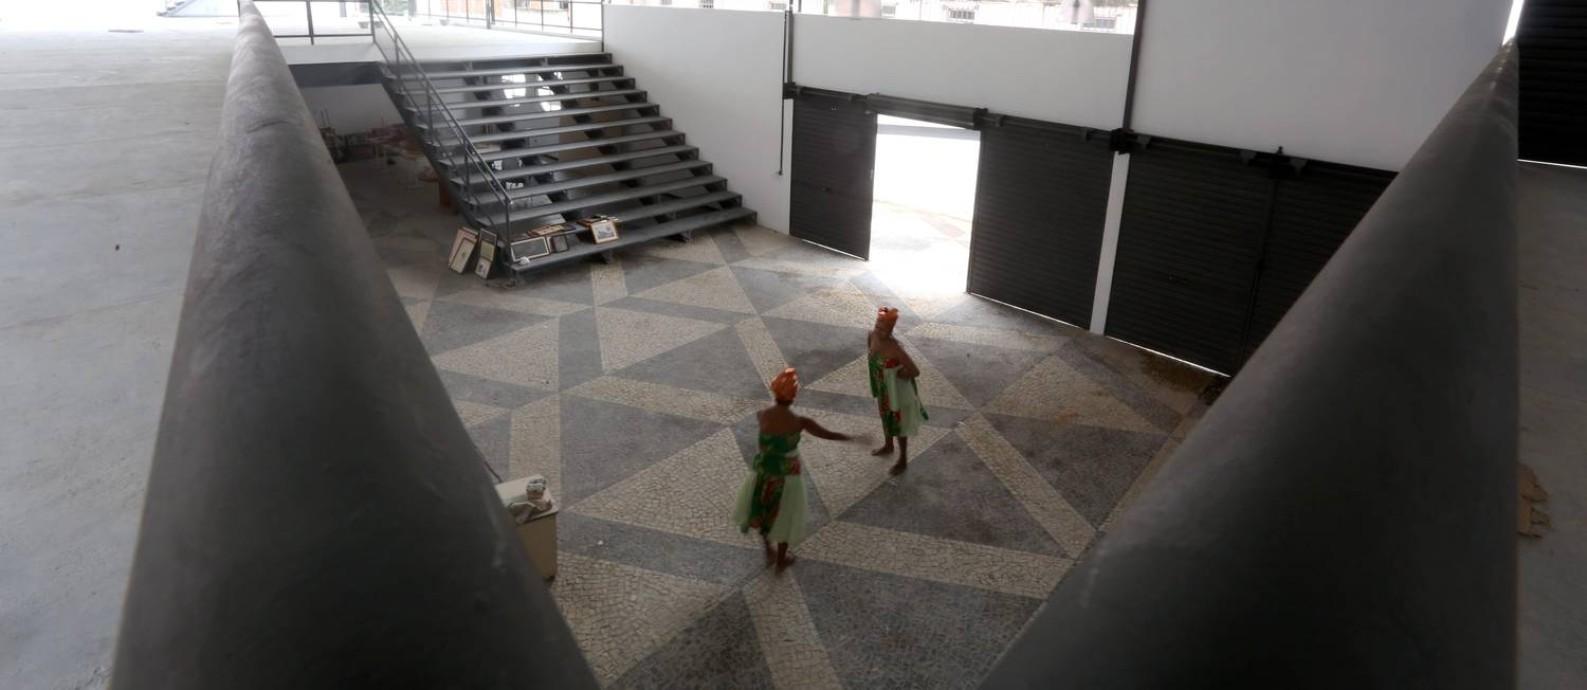 Casa do Jongo, que foi inaugurada em 2015 Foto: Custódio Coimbra / O Globo